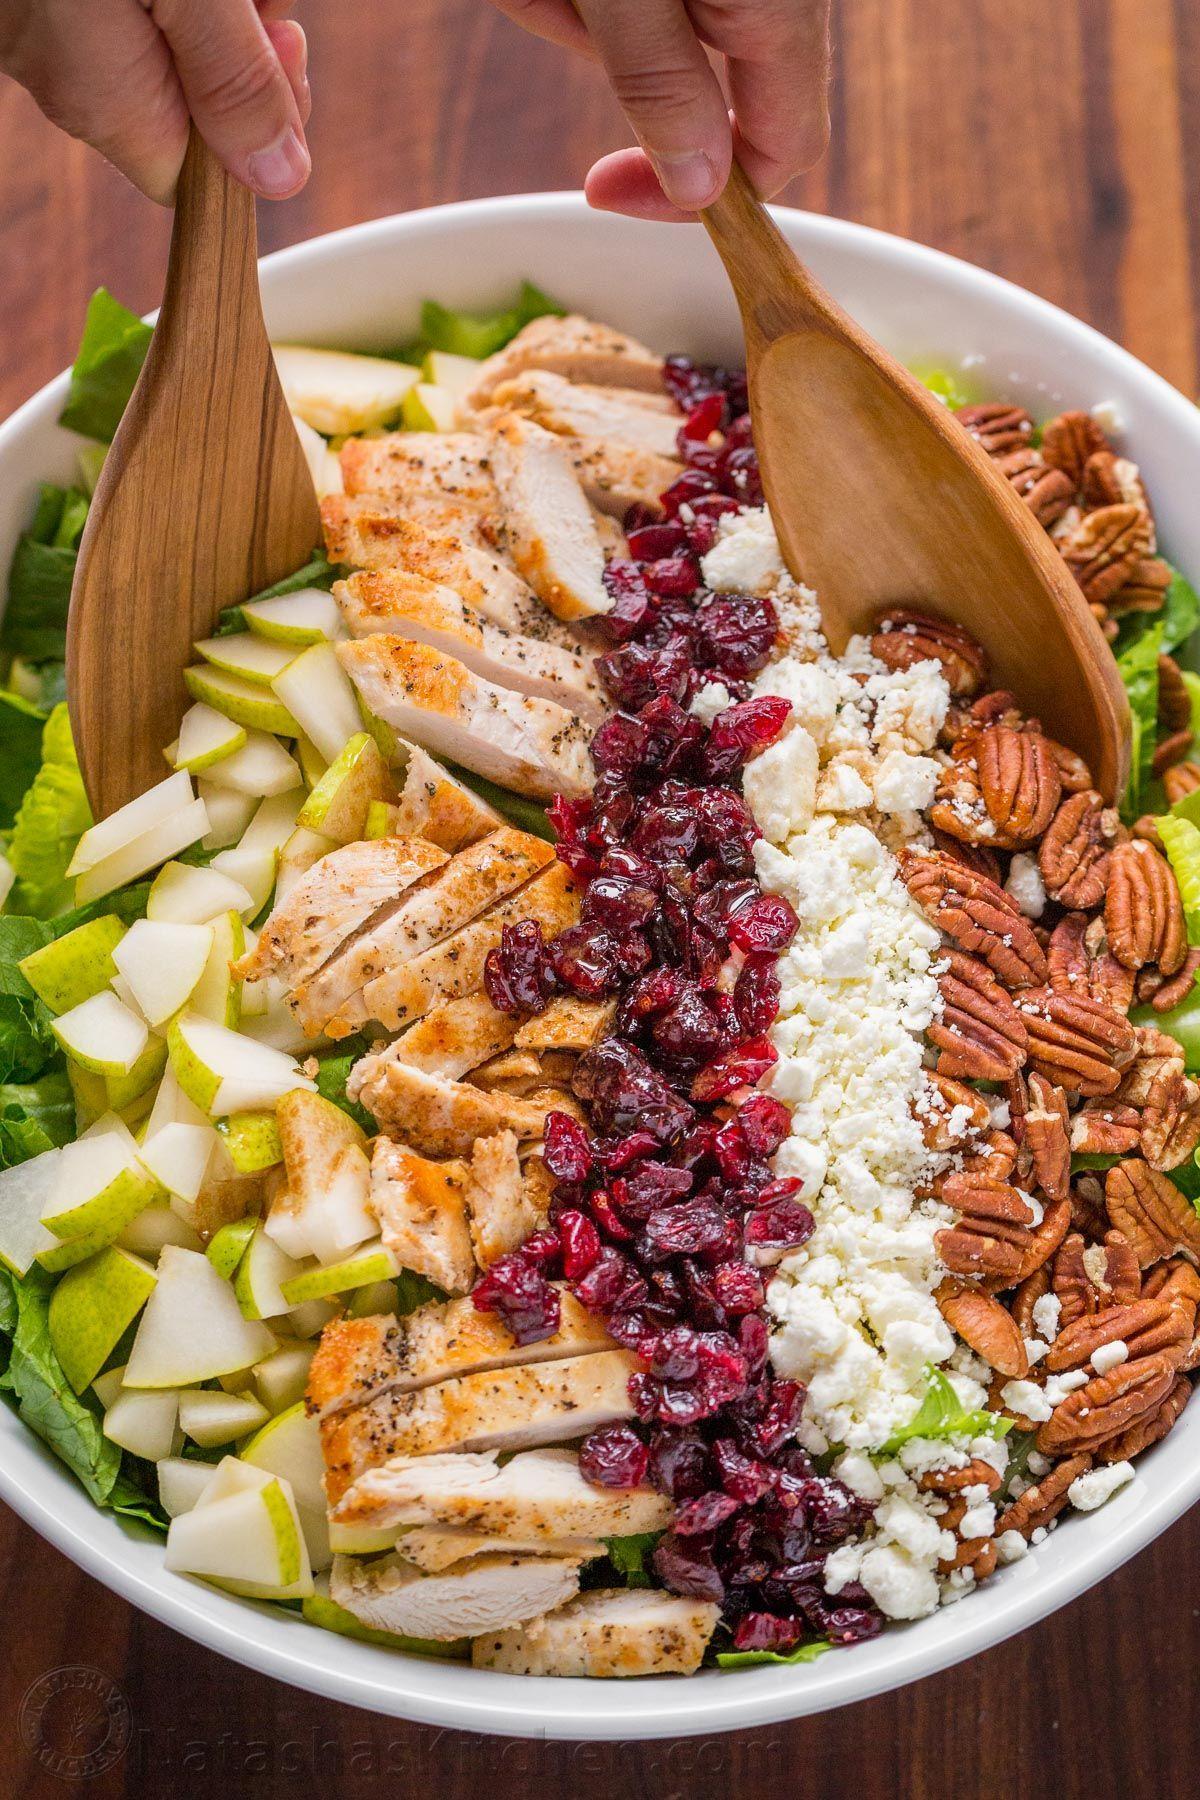 Herbst gehackter Hühnersalat -  Anleitungen und Schritt-für-Schritt-Anleitungen von Meal Planner Pro  - #foodrecipes #gehackter #herbst #huhnersalat #ketorecipes #recipesvideos #thanksgivingrecipes